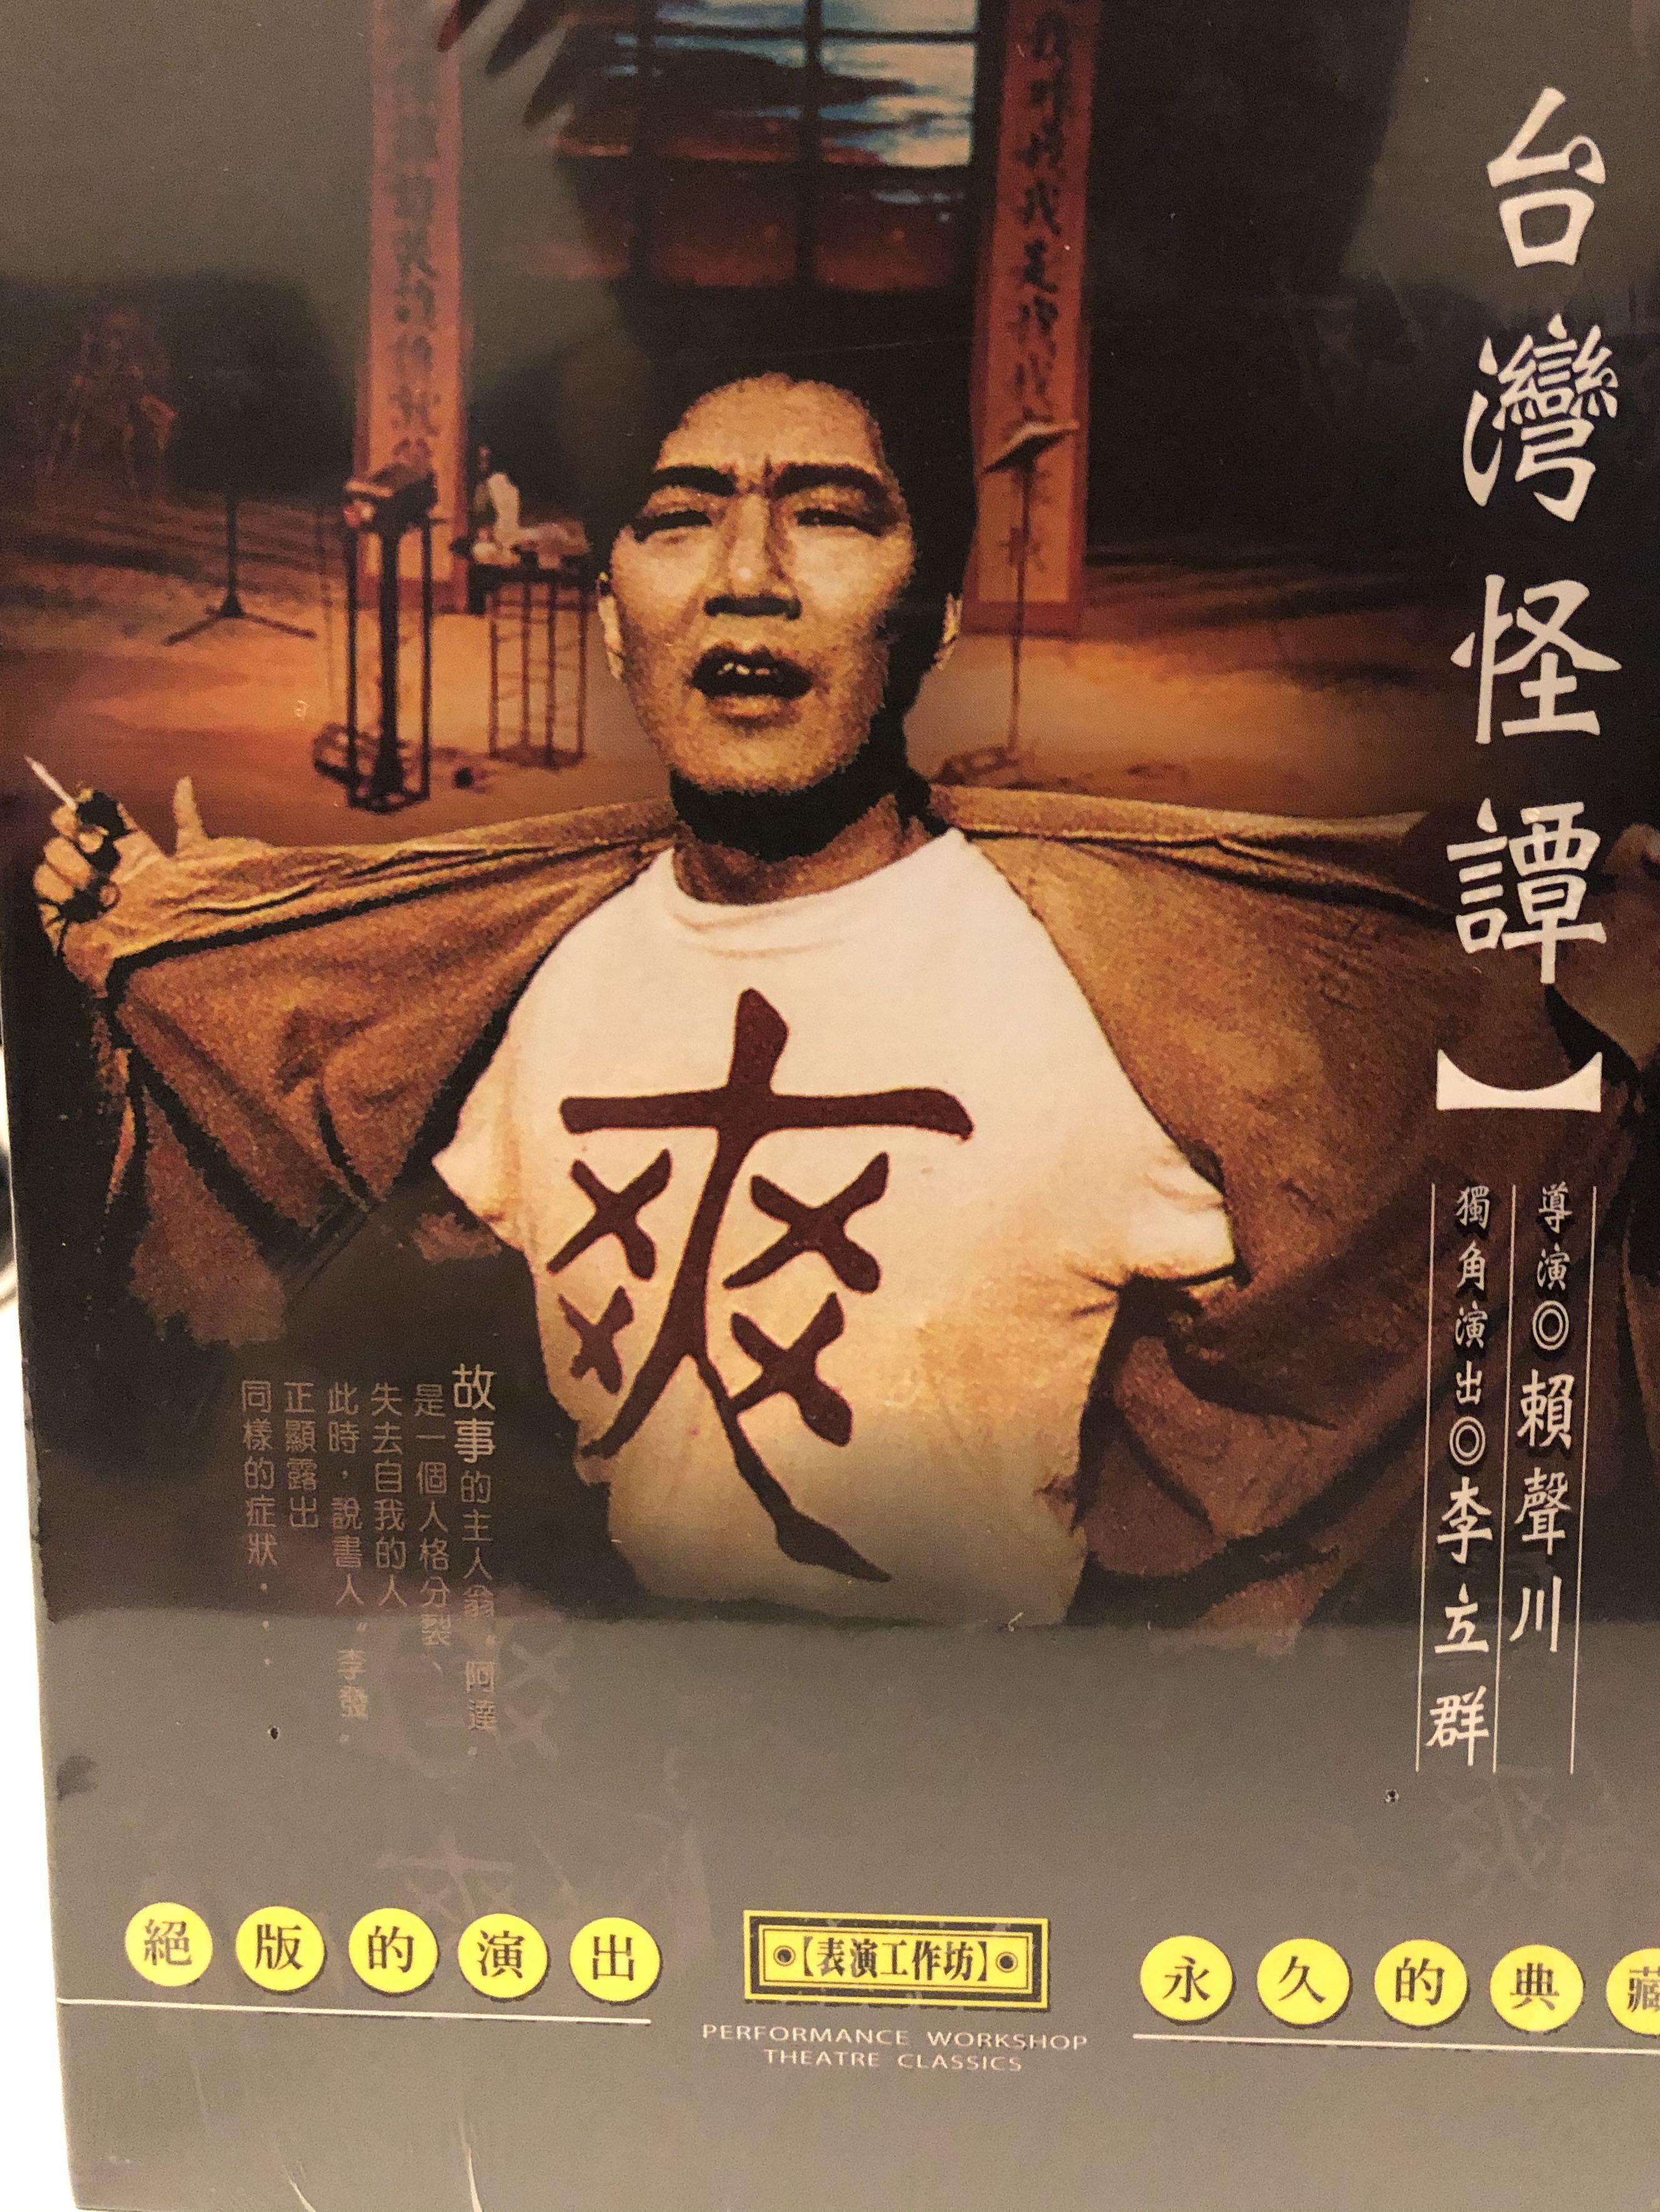 台灣怪譚 相聲 表演工作坊 賴聲川 李立群 絕版DVD 新品未拆